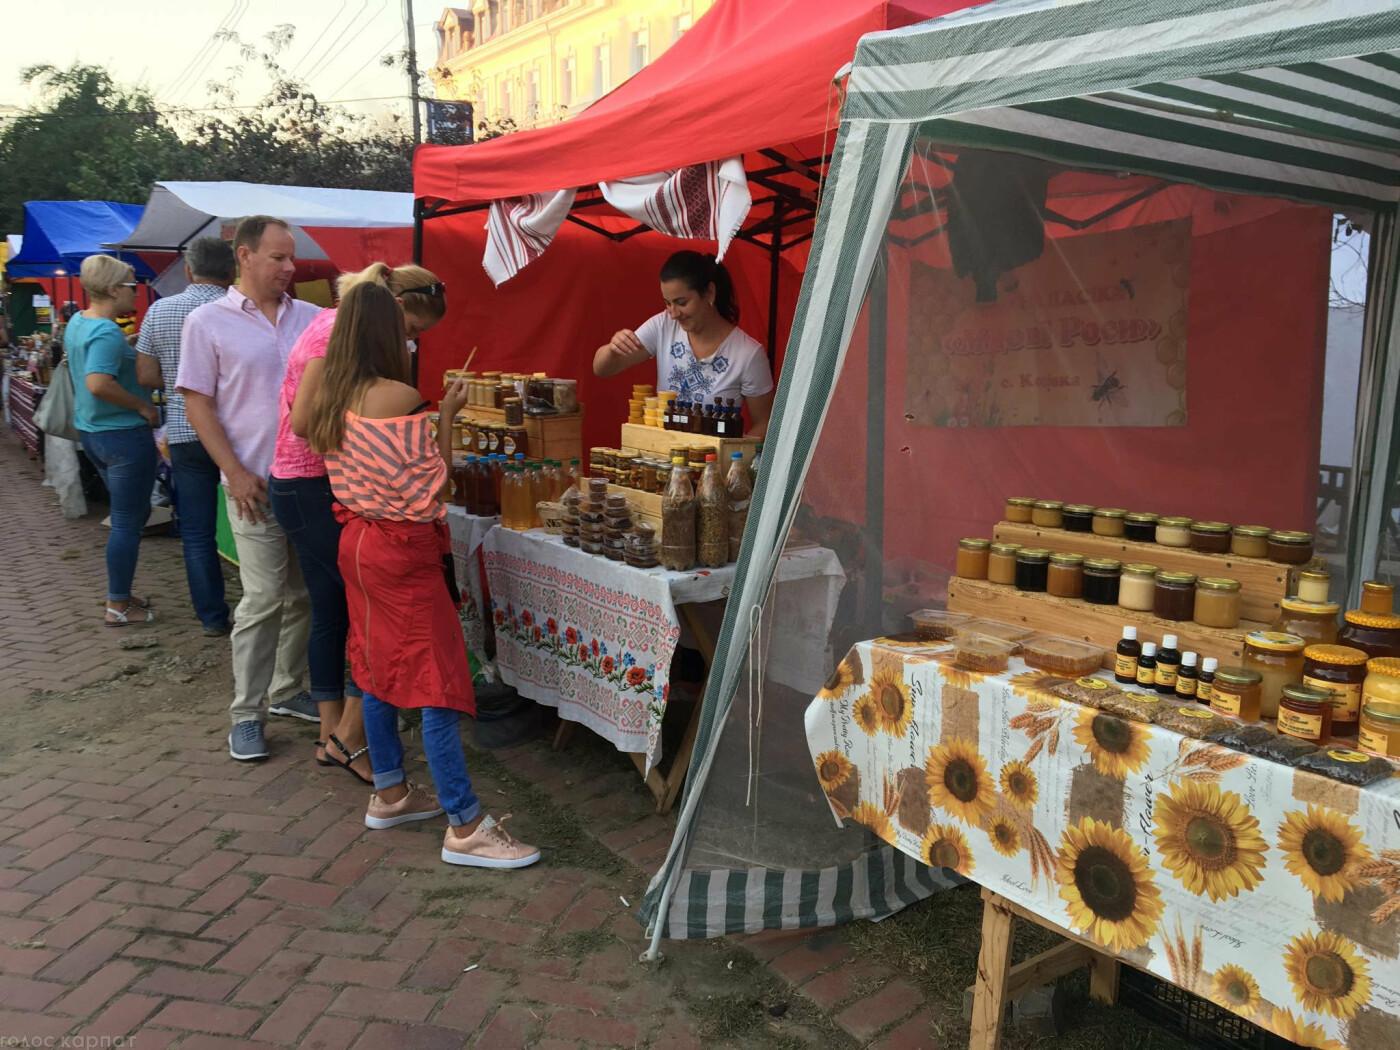 Смаколики, сир, вино та колесо огляду: ярмарок до Дня міста Ужгород запрошує (ФОТО), фото-2